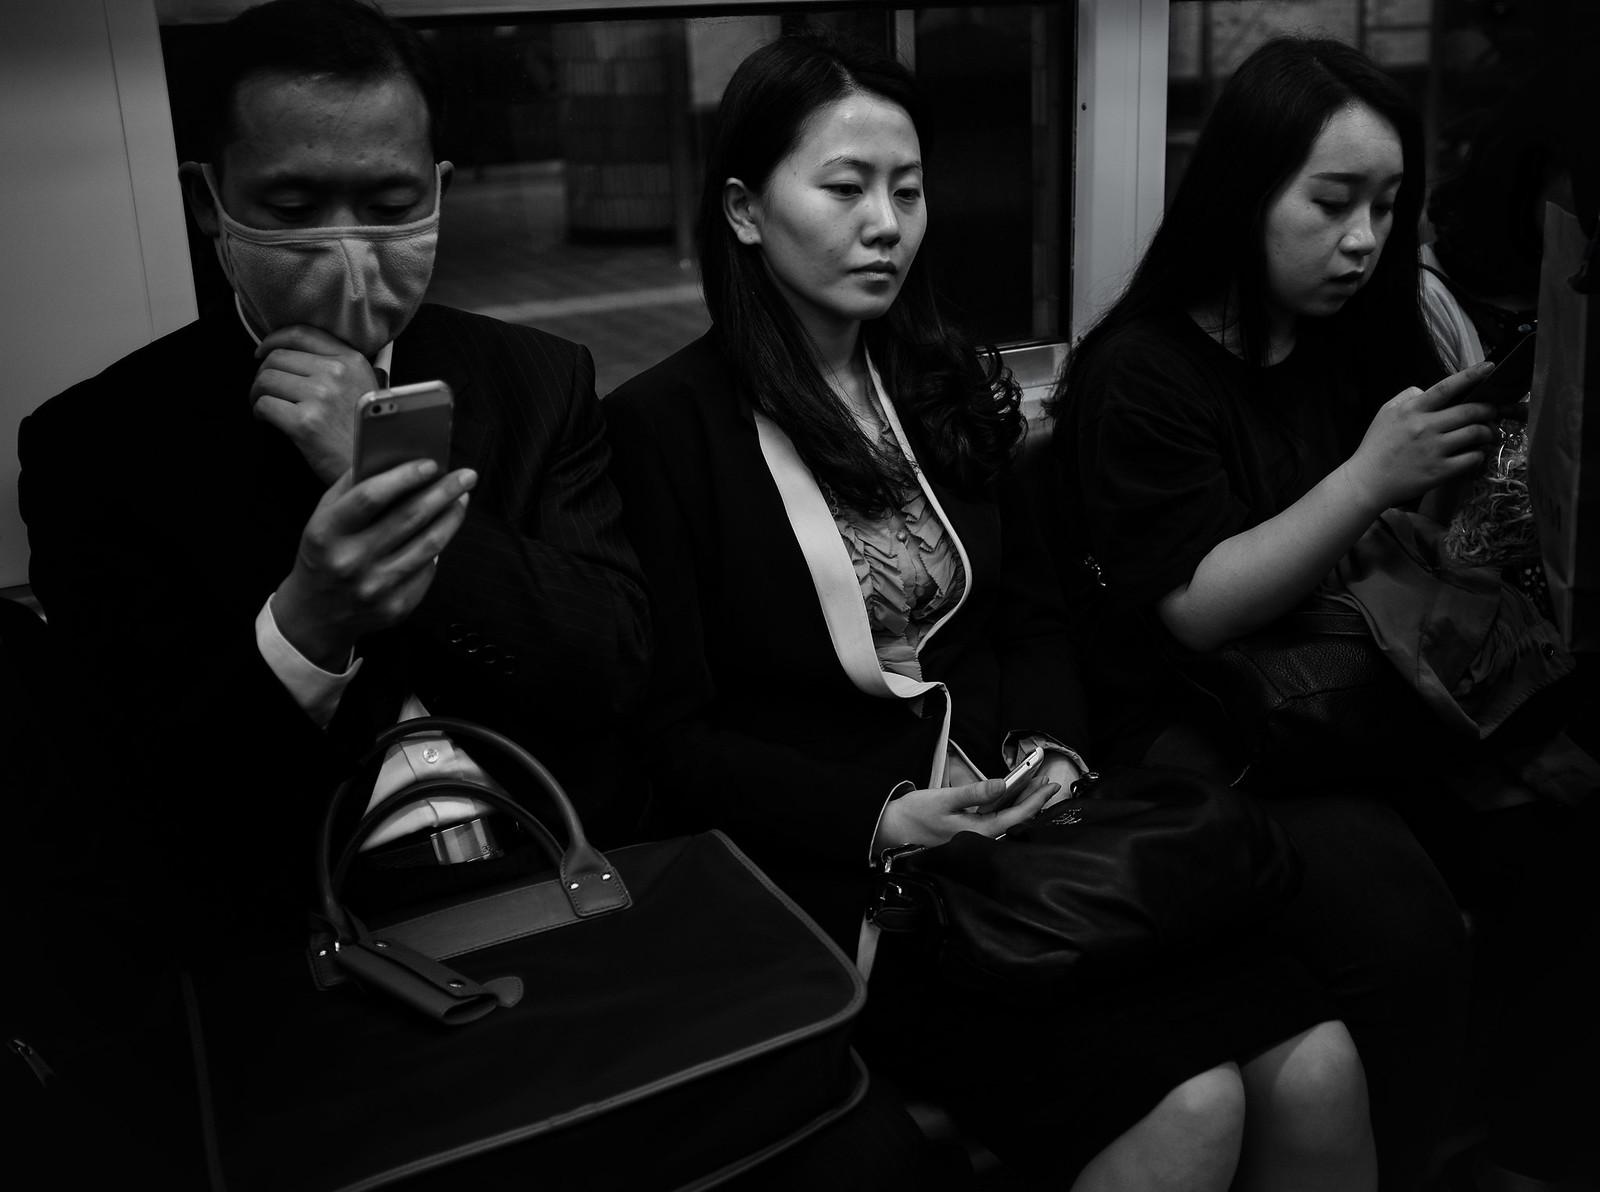 loneliness | by tzen xing